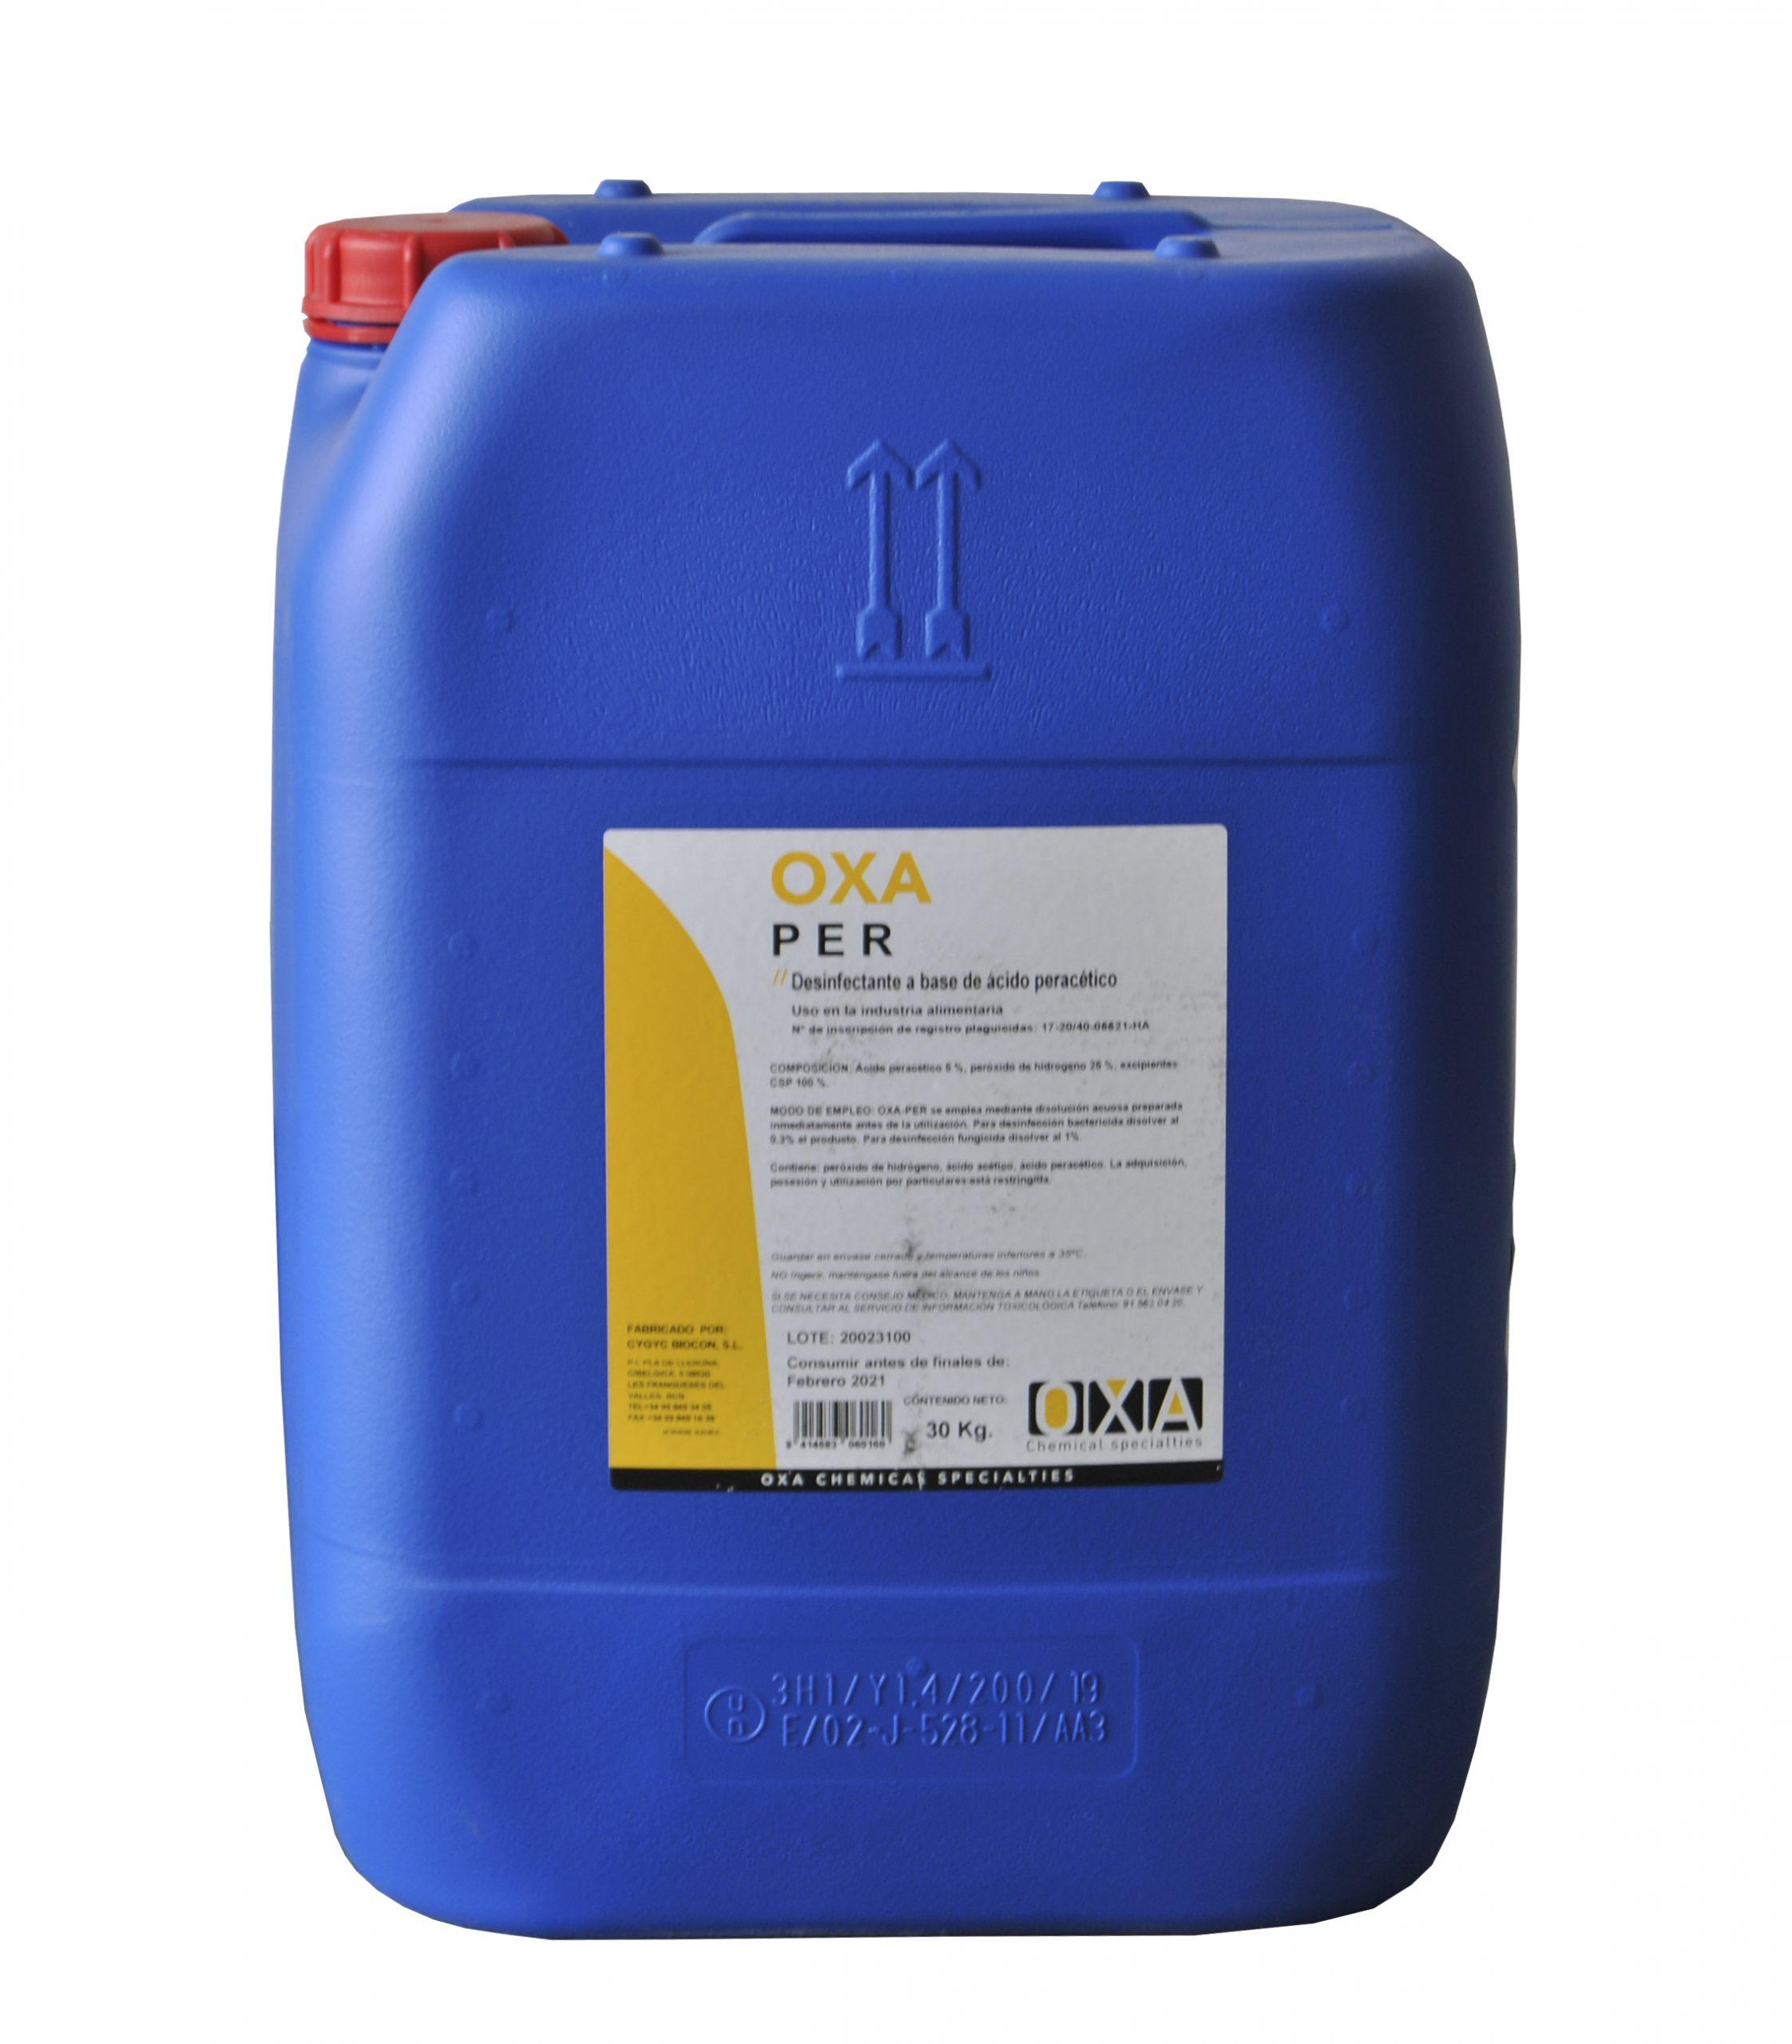 Desinfectante a base de ácido peracetico y peróxido de hidrógeno Rotor Levante